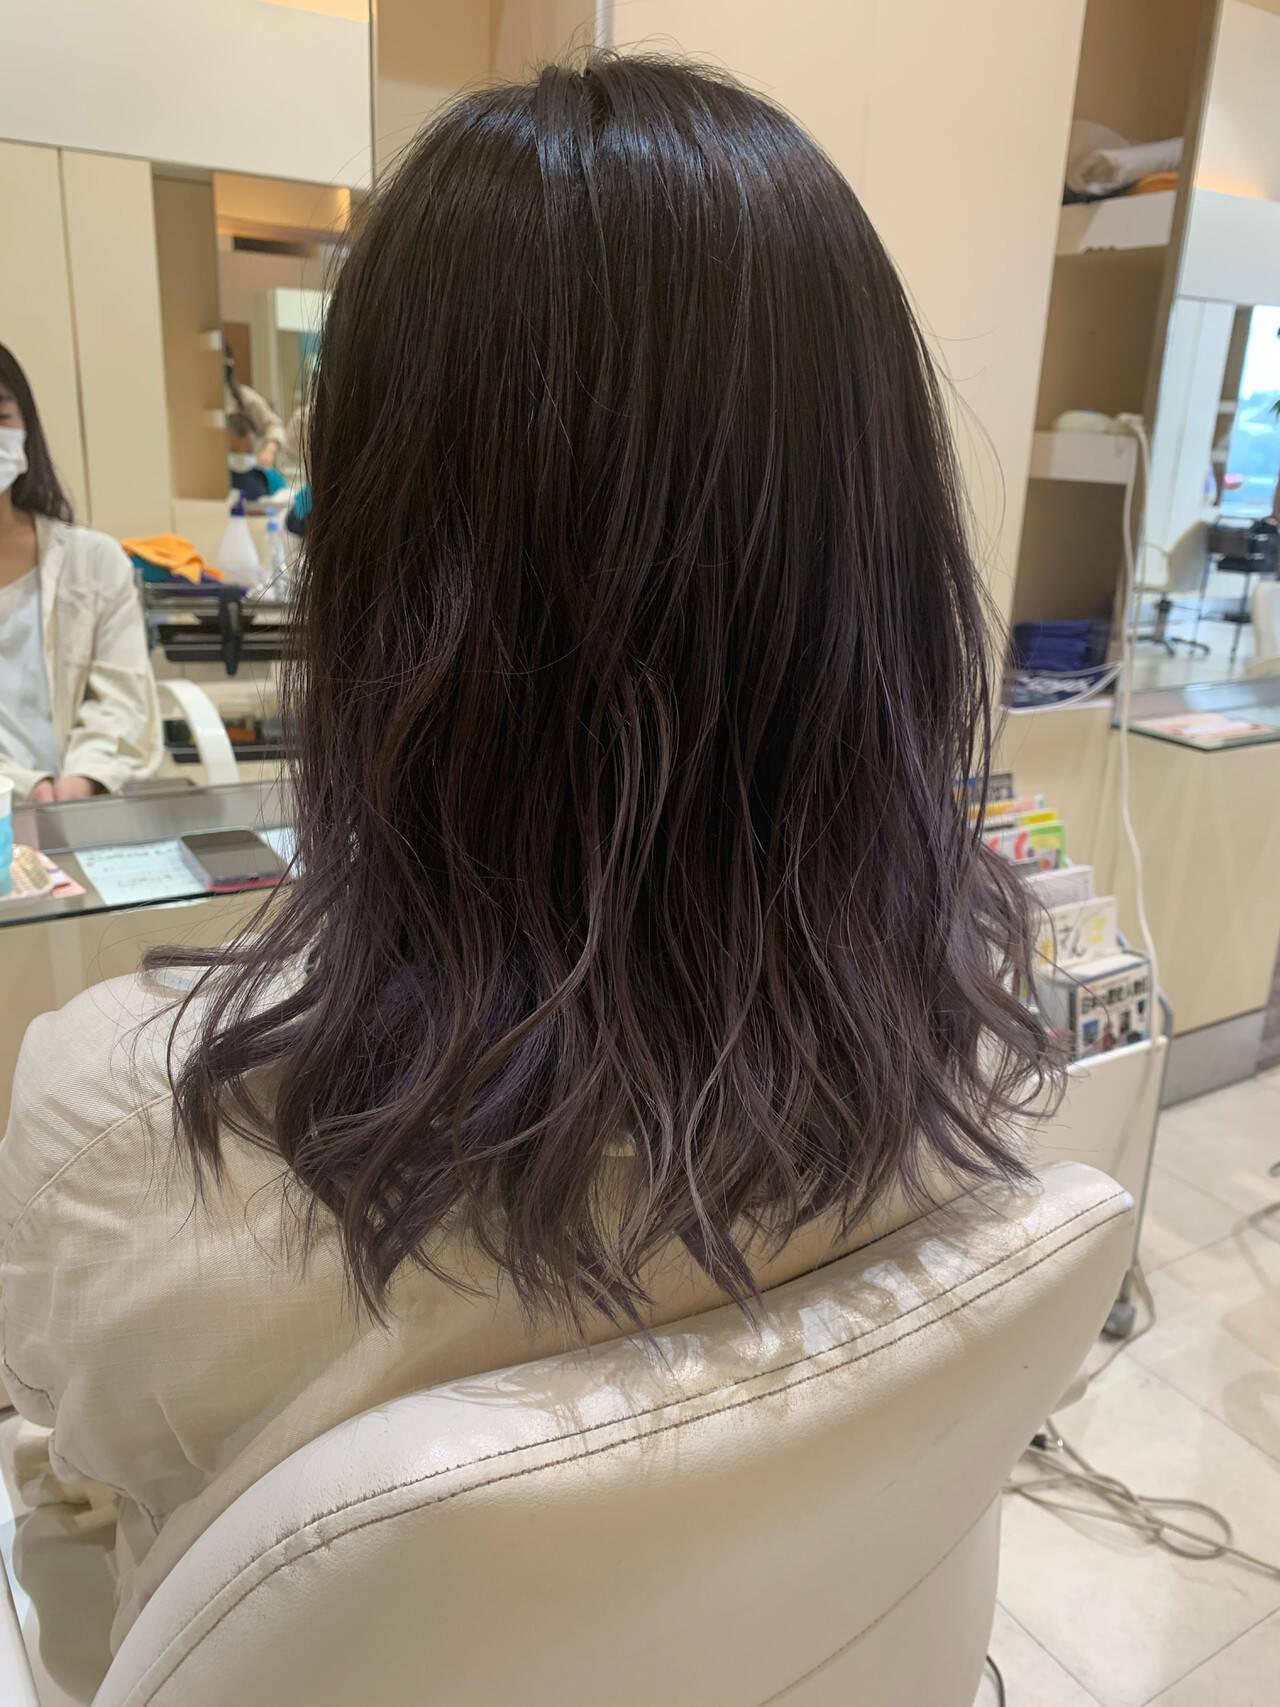 ブリーチ ダブルカラー ラベンダーグレージュ ミディアムヘアスタイルや髪型の写真・画像